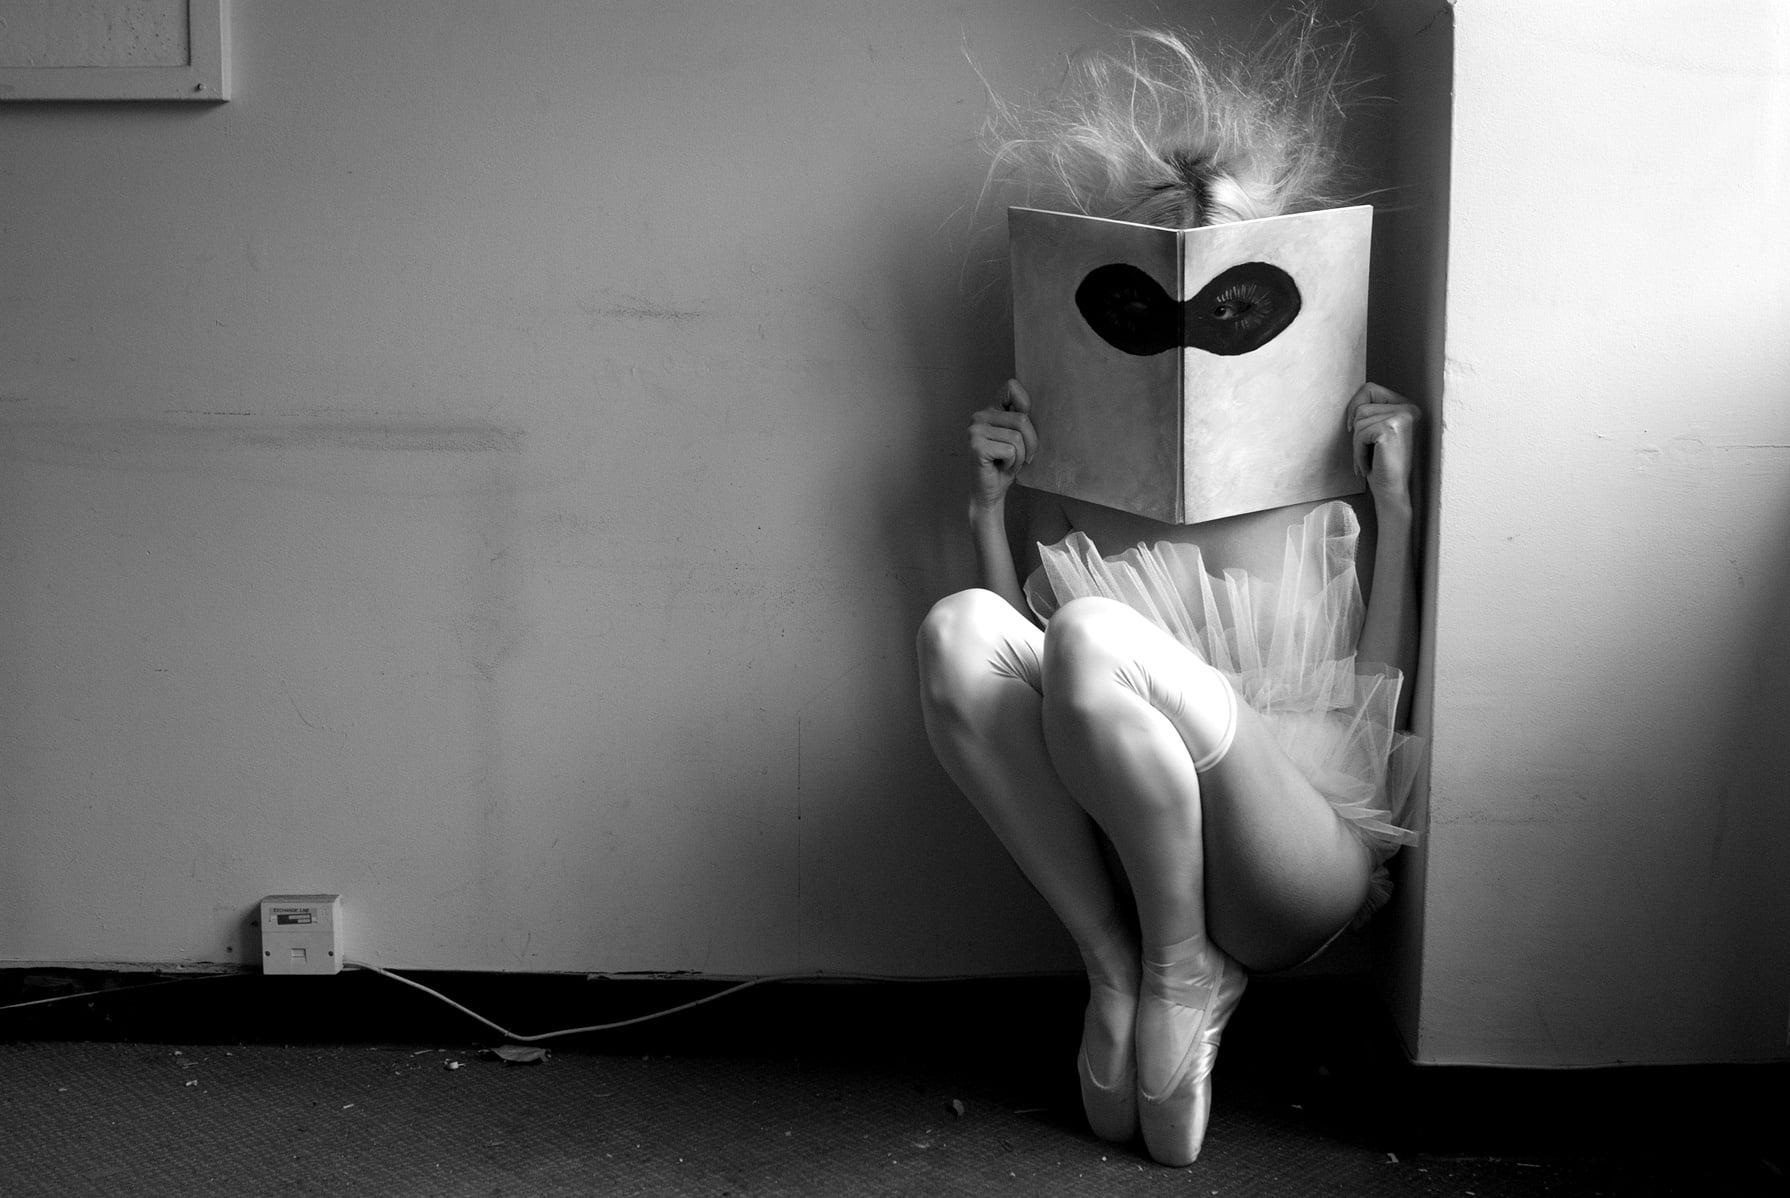 Сянката - това наистина ли съм аз? психология